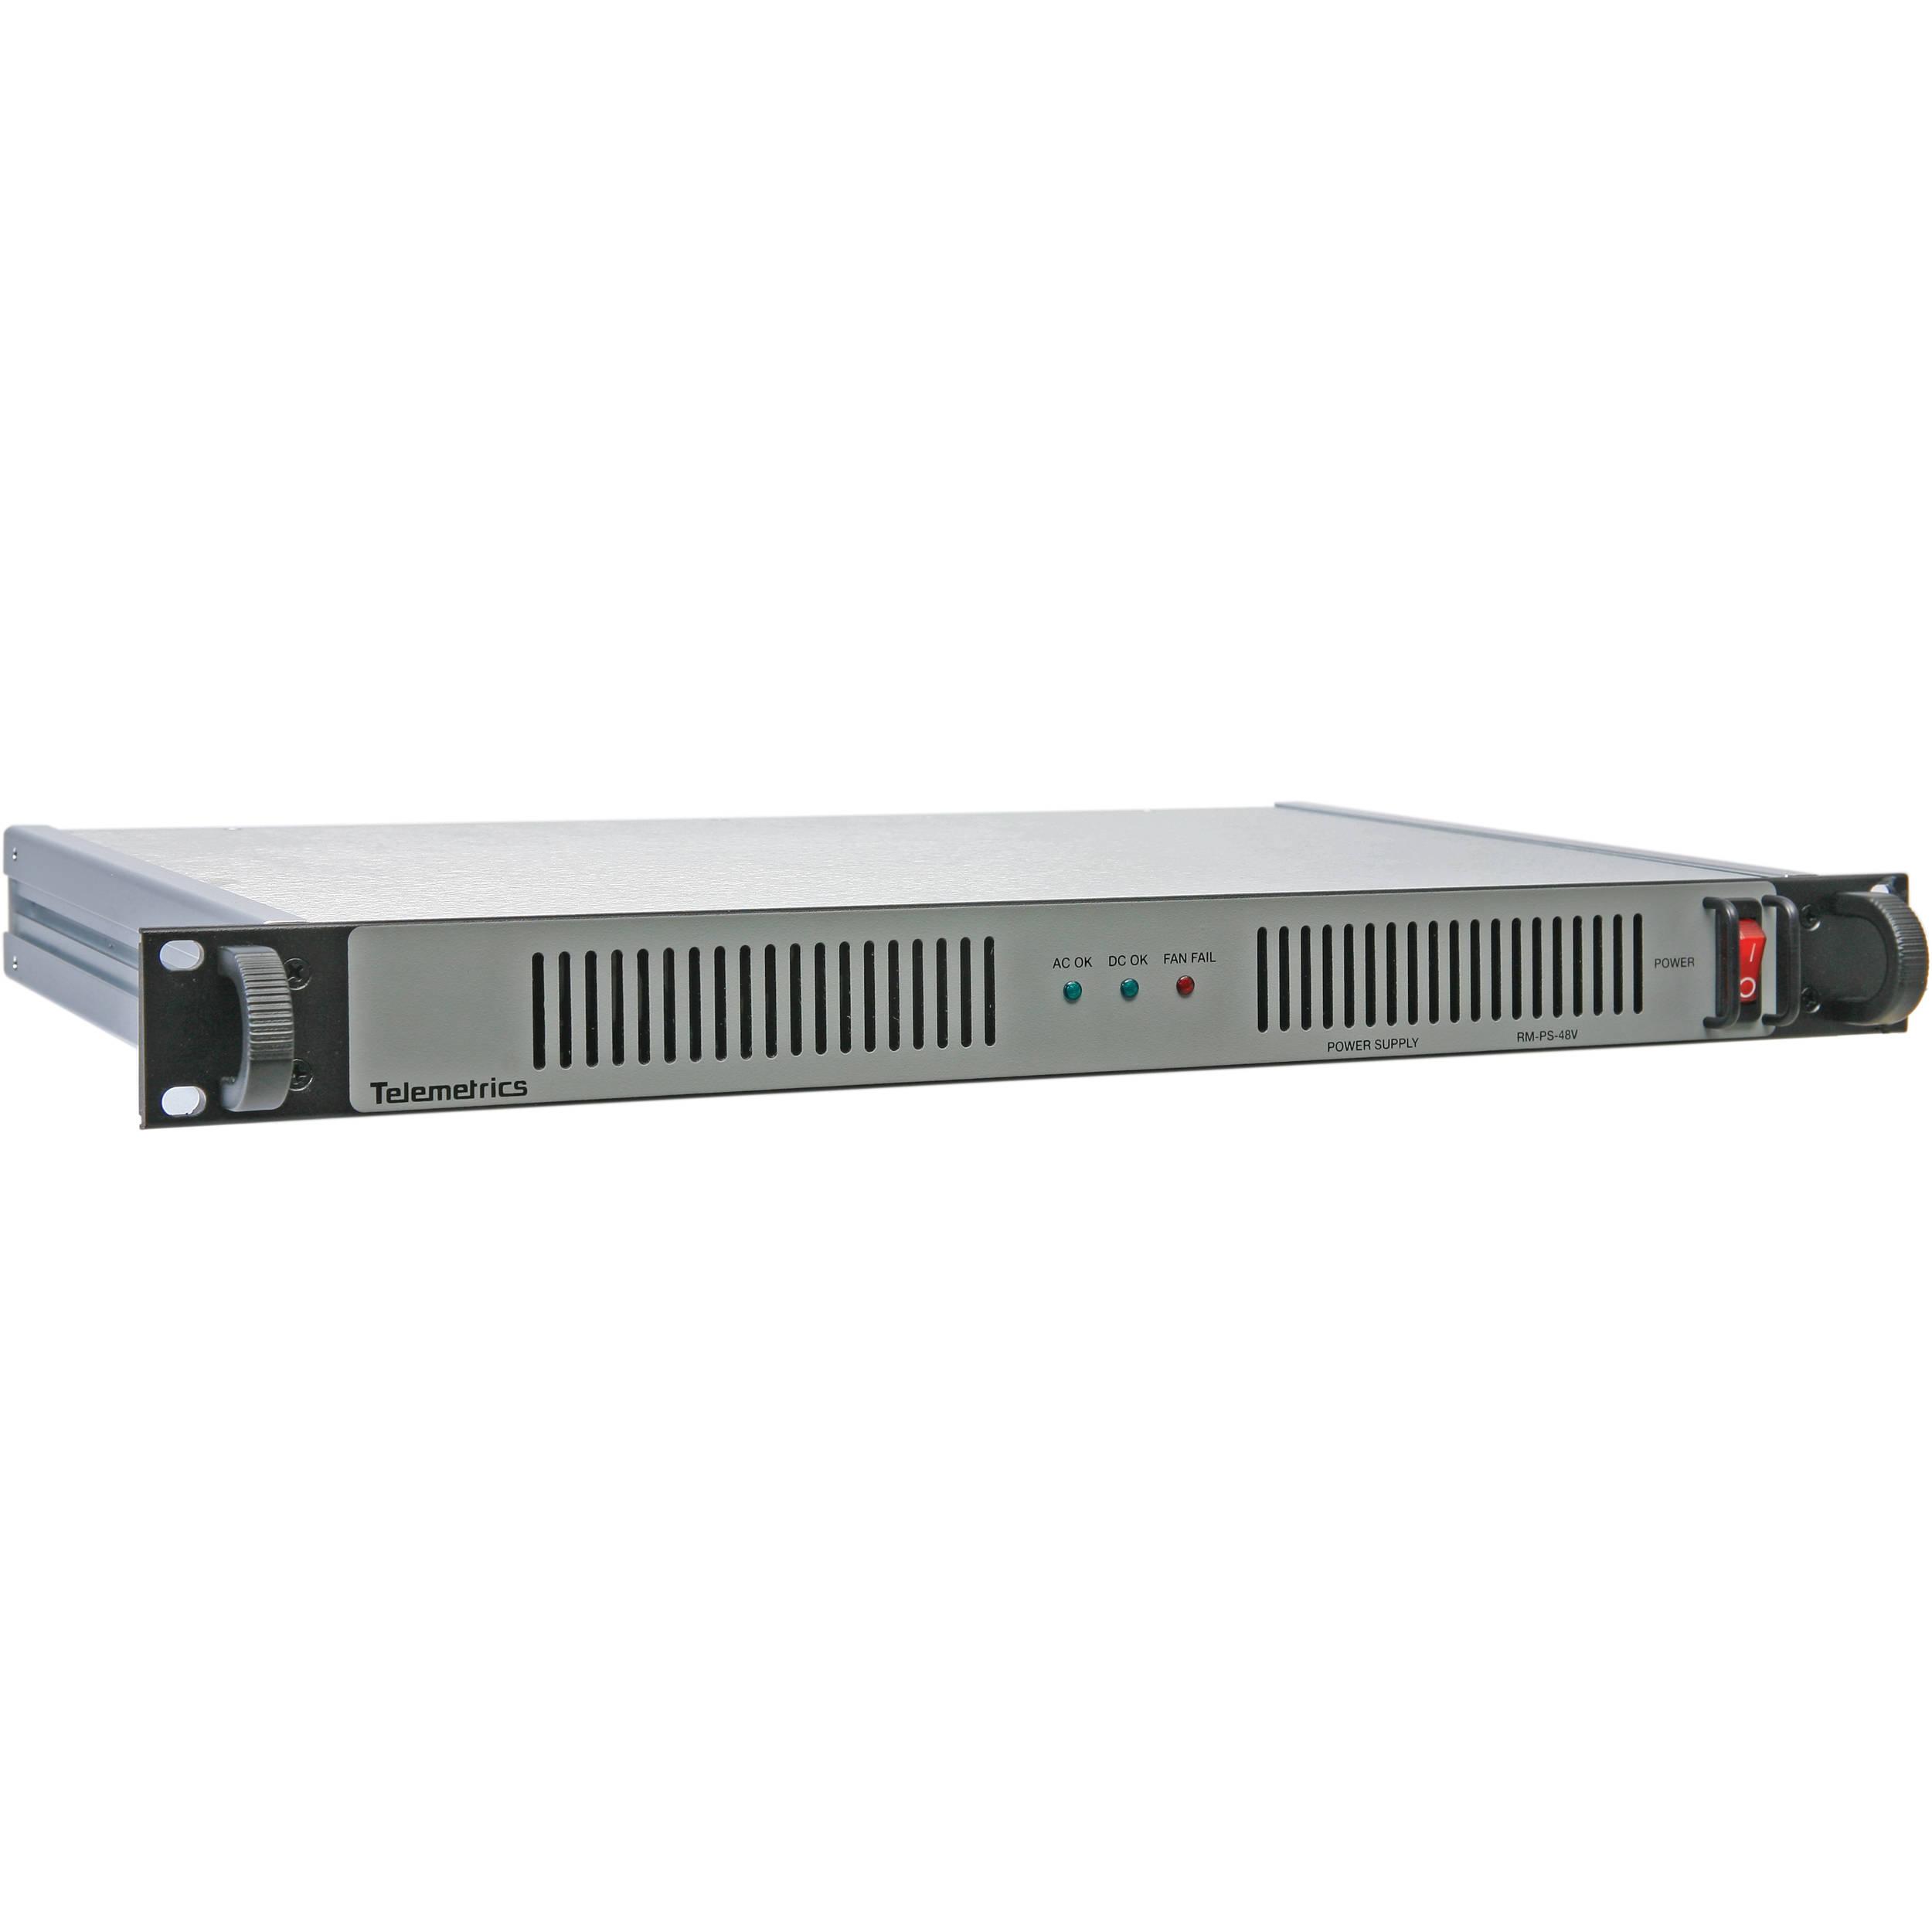 Telemetrics PS-RM-48-2 Rackmount Power Supply (48V) PS-RM-48-2